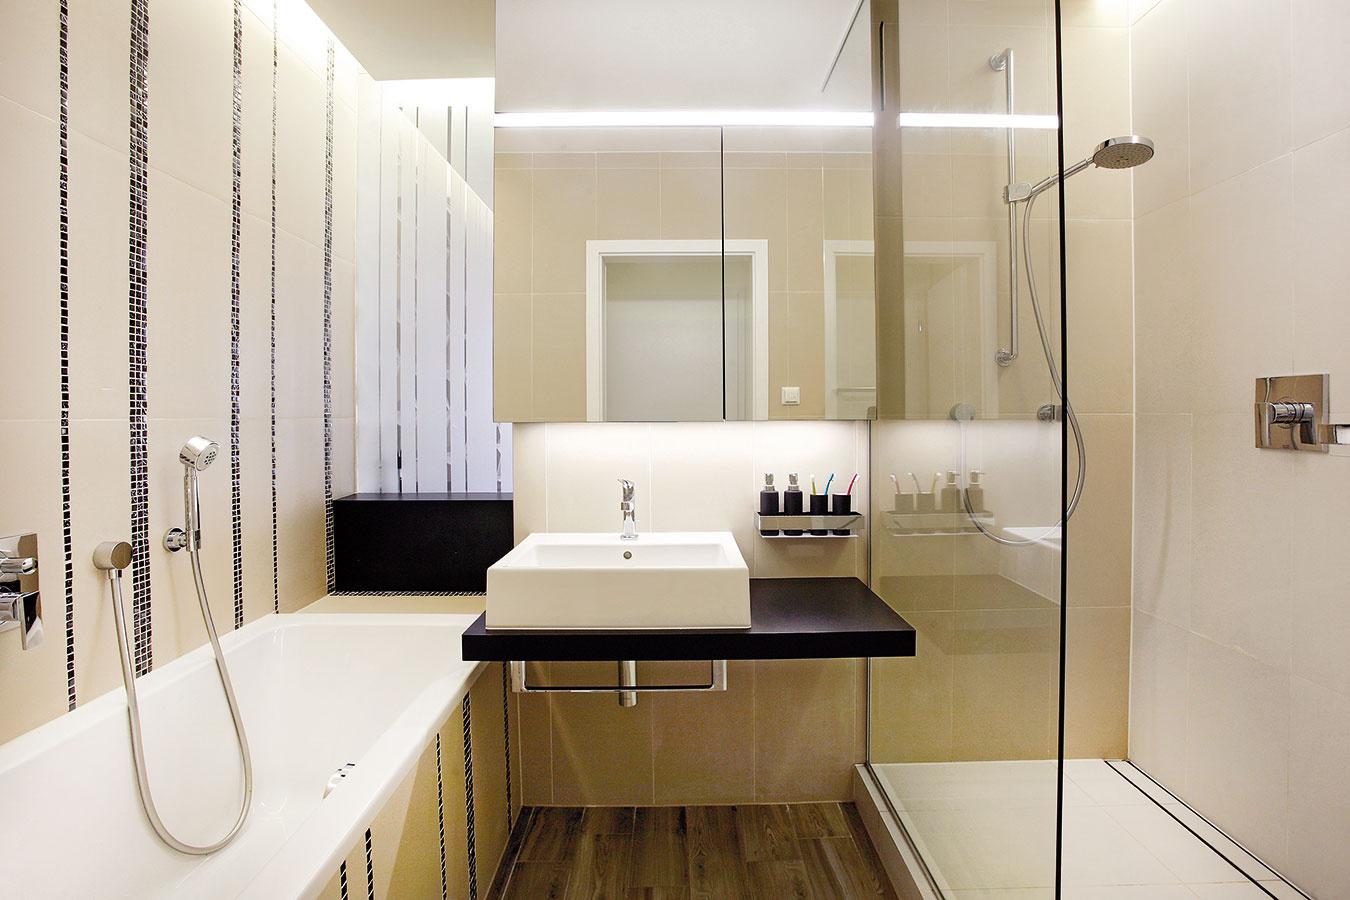 Vkúpeľni bol použitý dekor pásikov, ktorý sa objavuje aj na zrkadlách. Vďaka kombinácii sbéžovou ačiernou farbou obkladov amozaík tak opäť nadväzuje na zvyšok bytu. Denné svetlo prúdi do kúpeľne cez plochu zpieskovaného skla, ktorá ju zároveň oddeľuje od kuchyne.